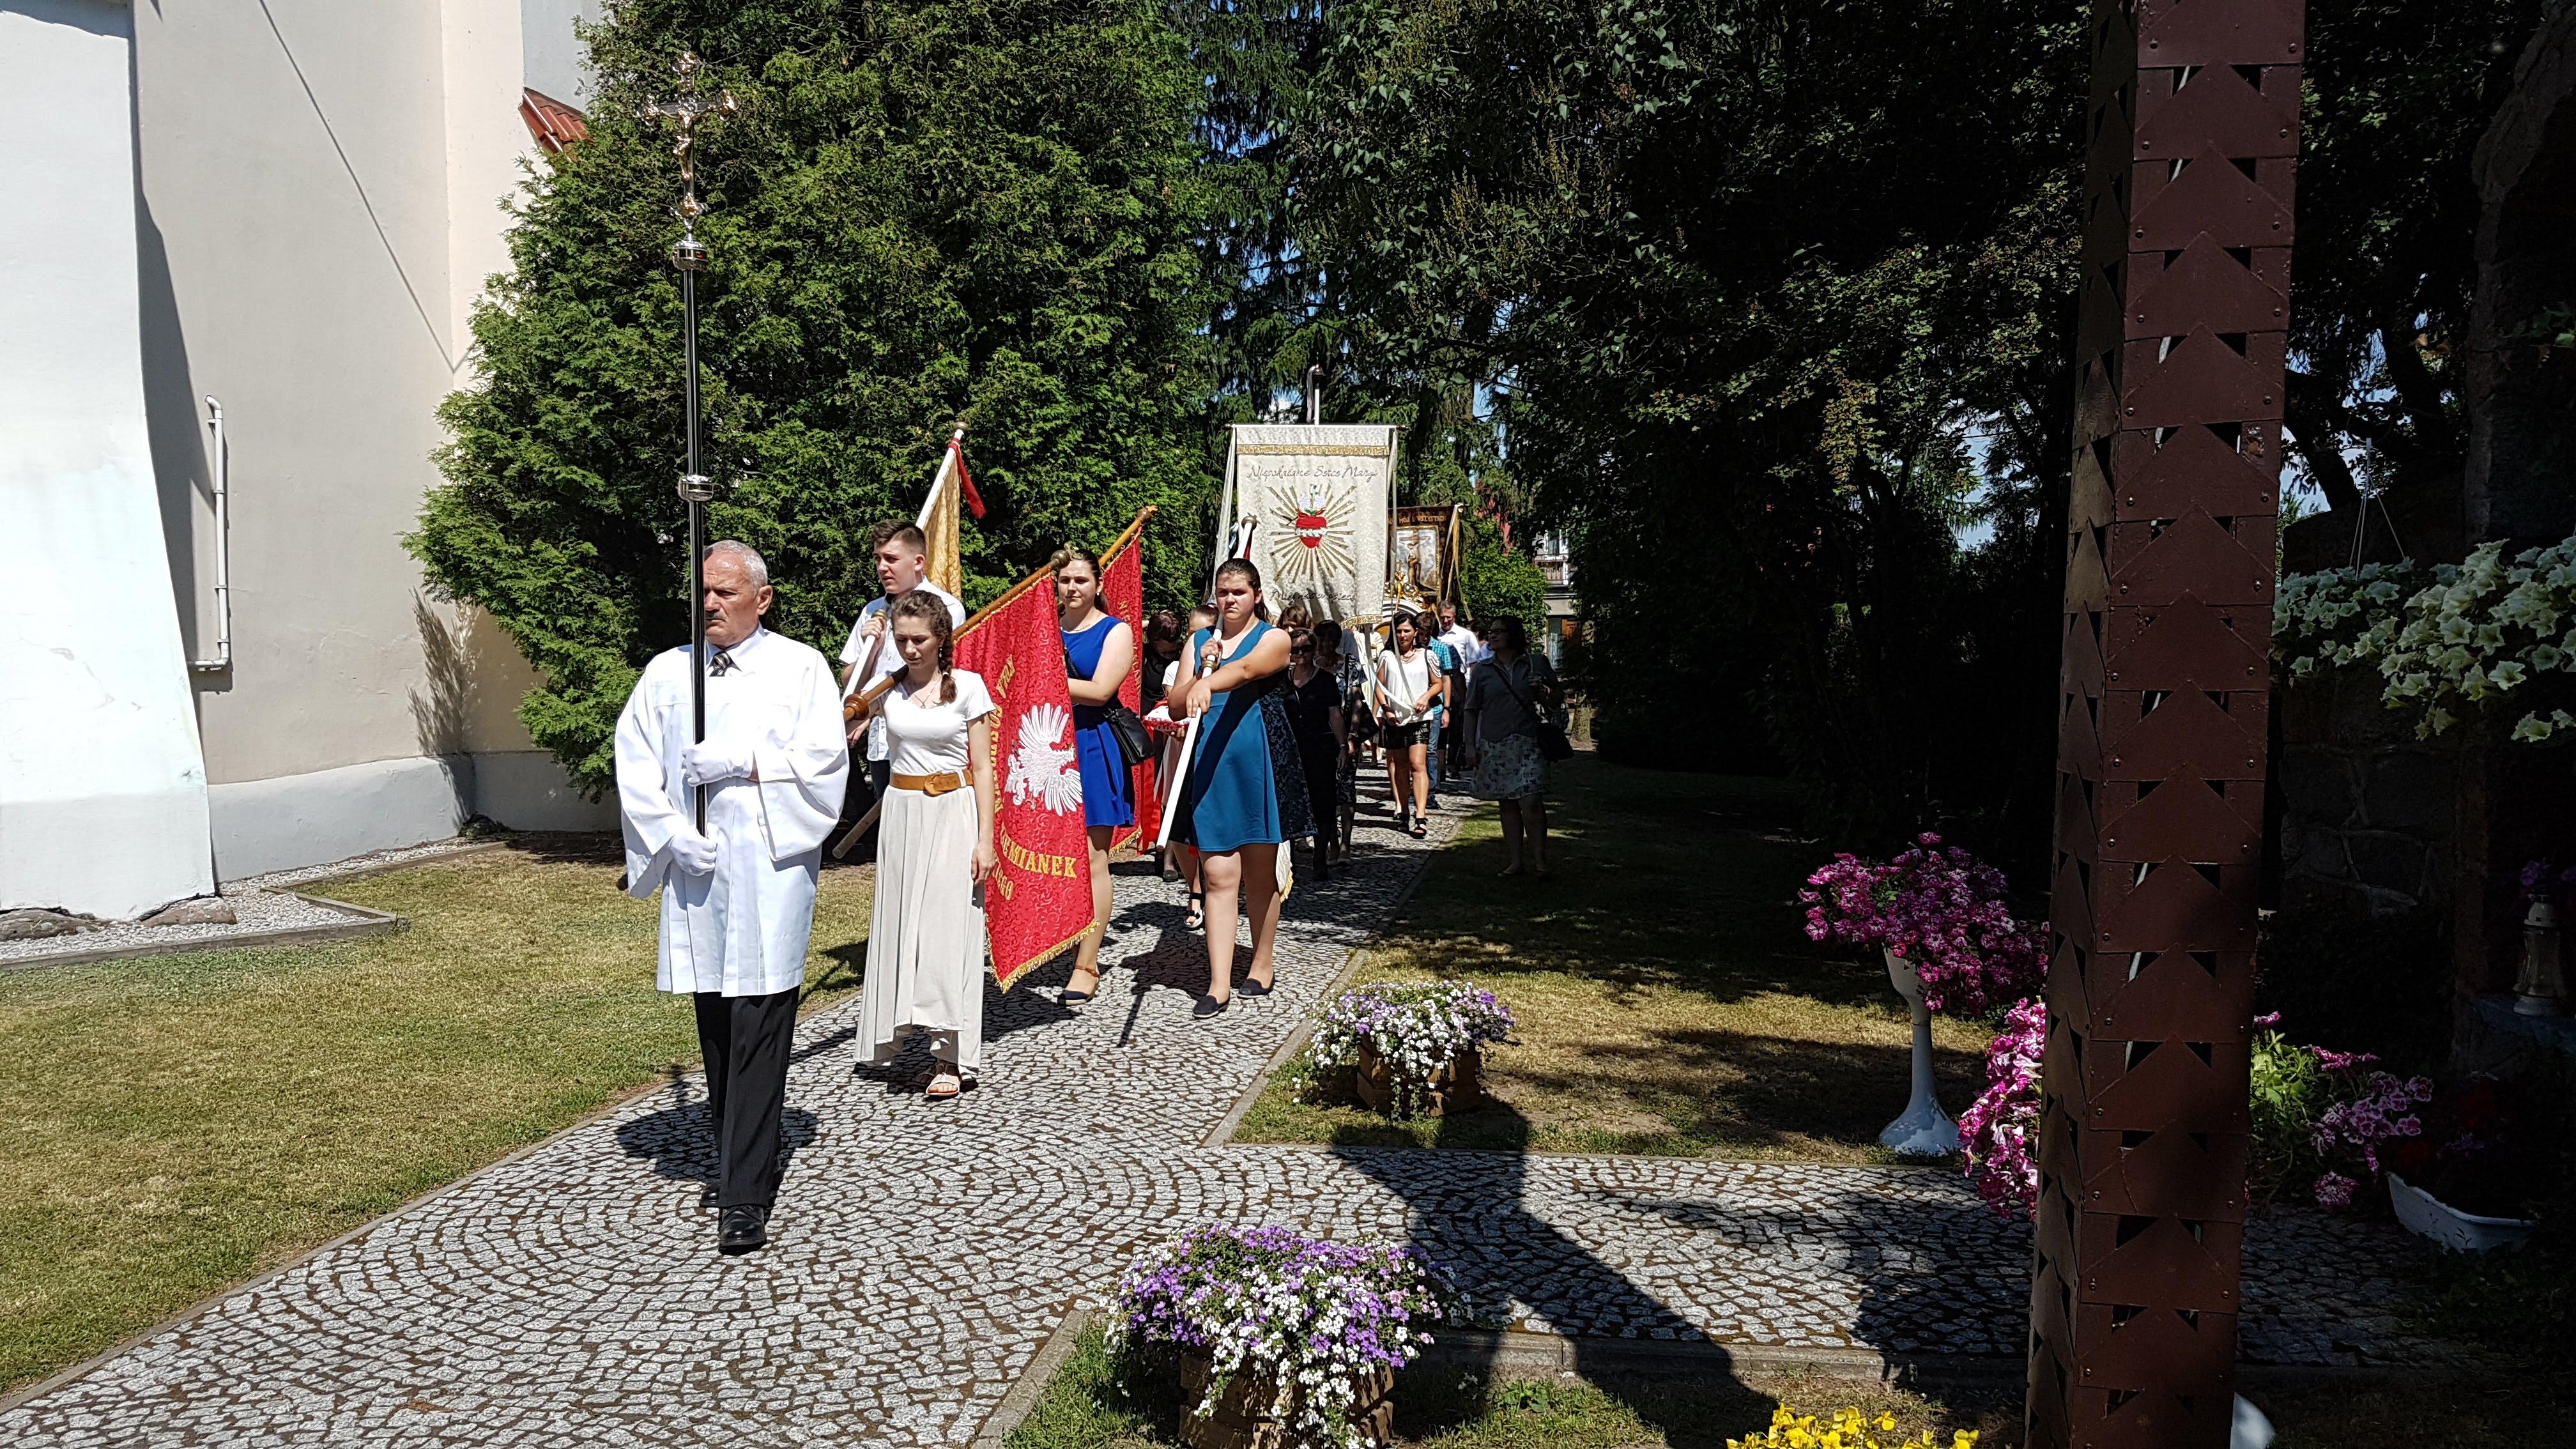 boze cialo radzymin 2018 111 - Parafia Radzymin